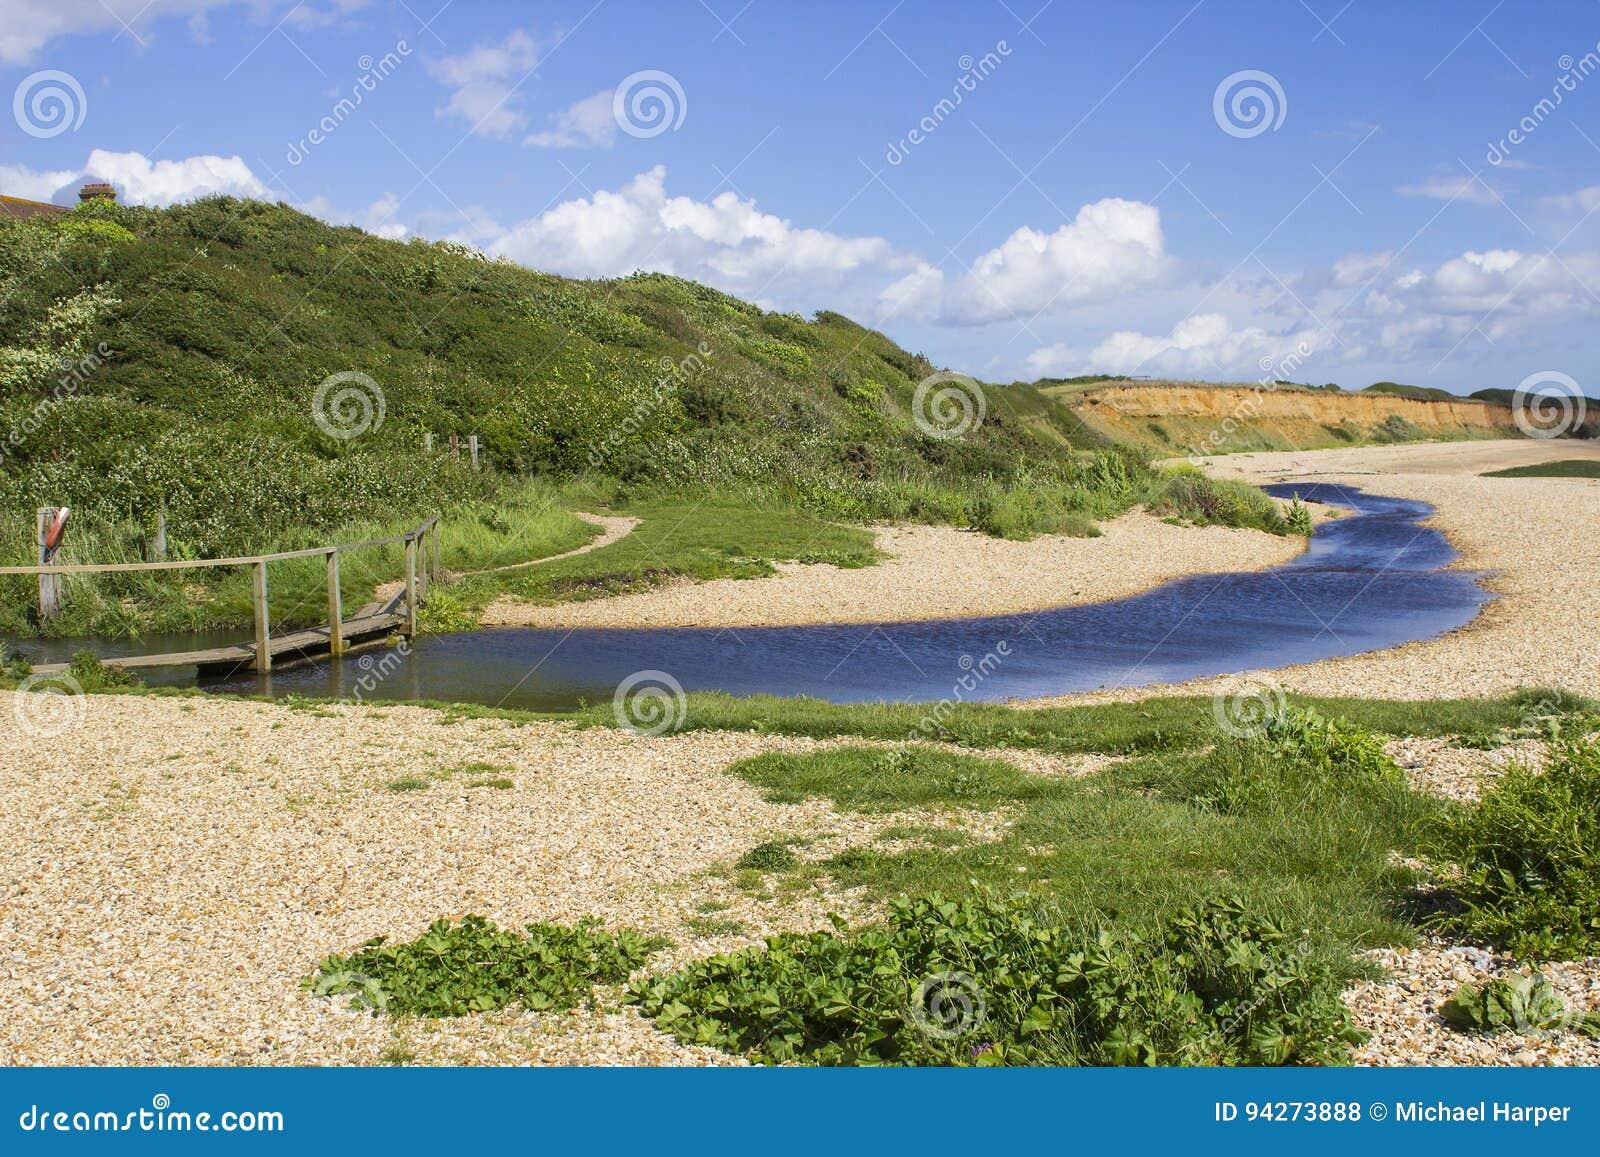 遥控搽粉了在南安普敦水的壳海滩在勾子车道骑马专用路结束时在Titchfield共同性英国附近